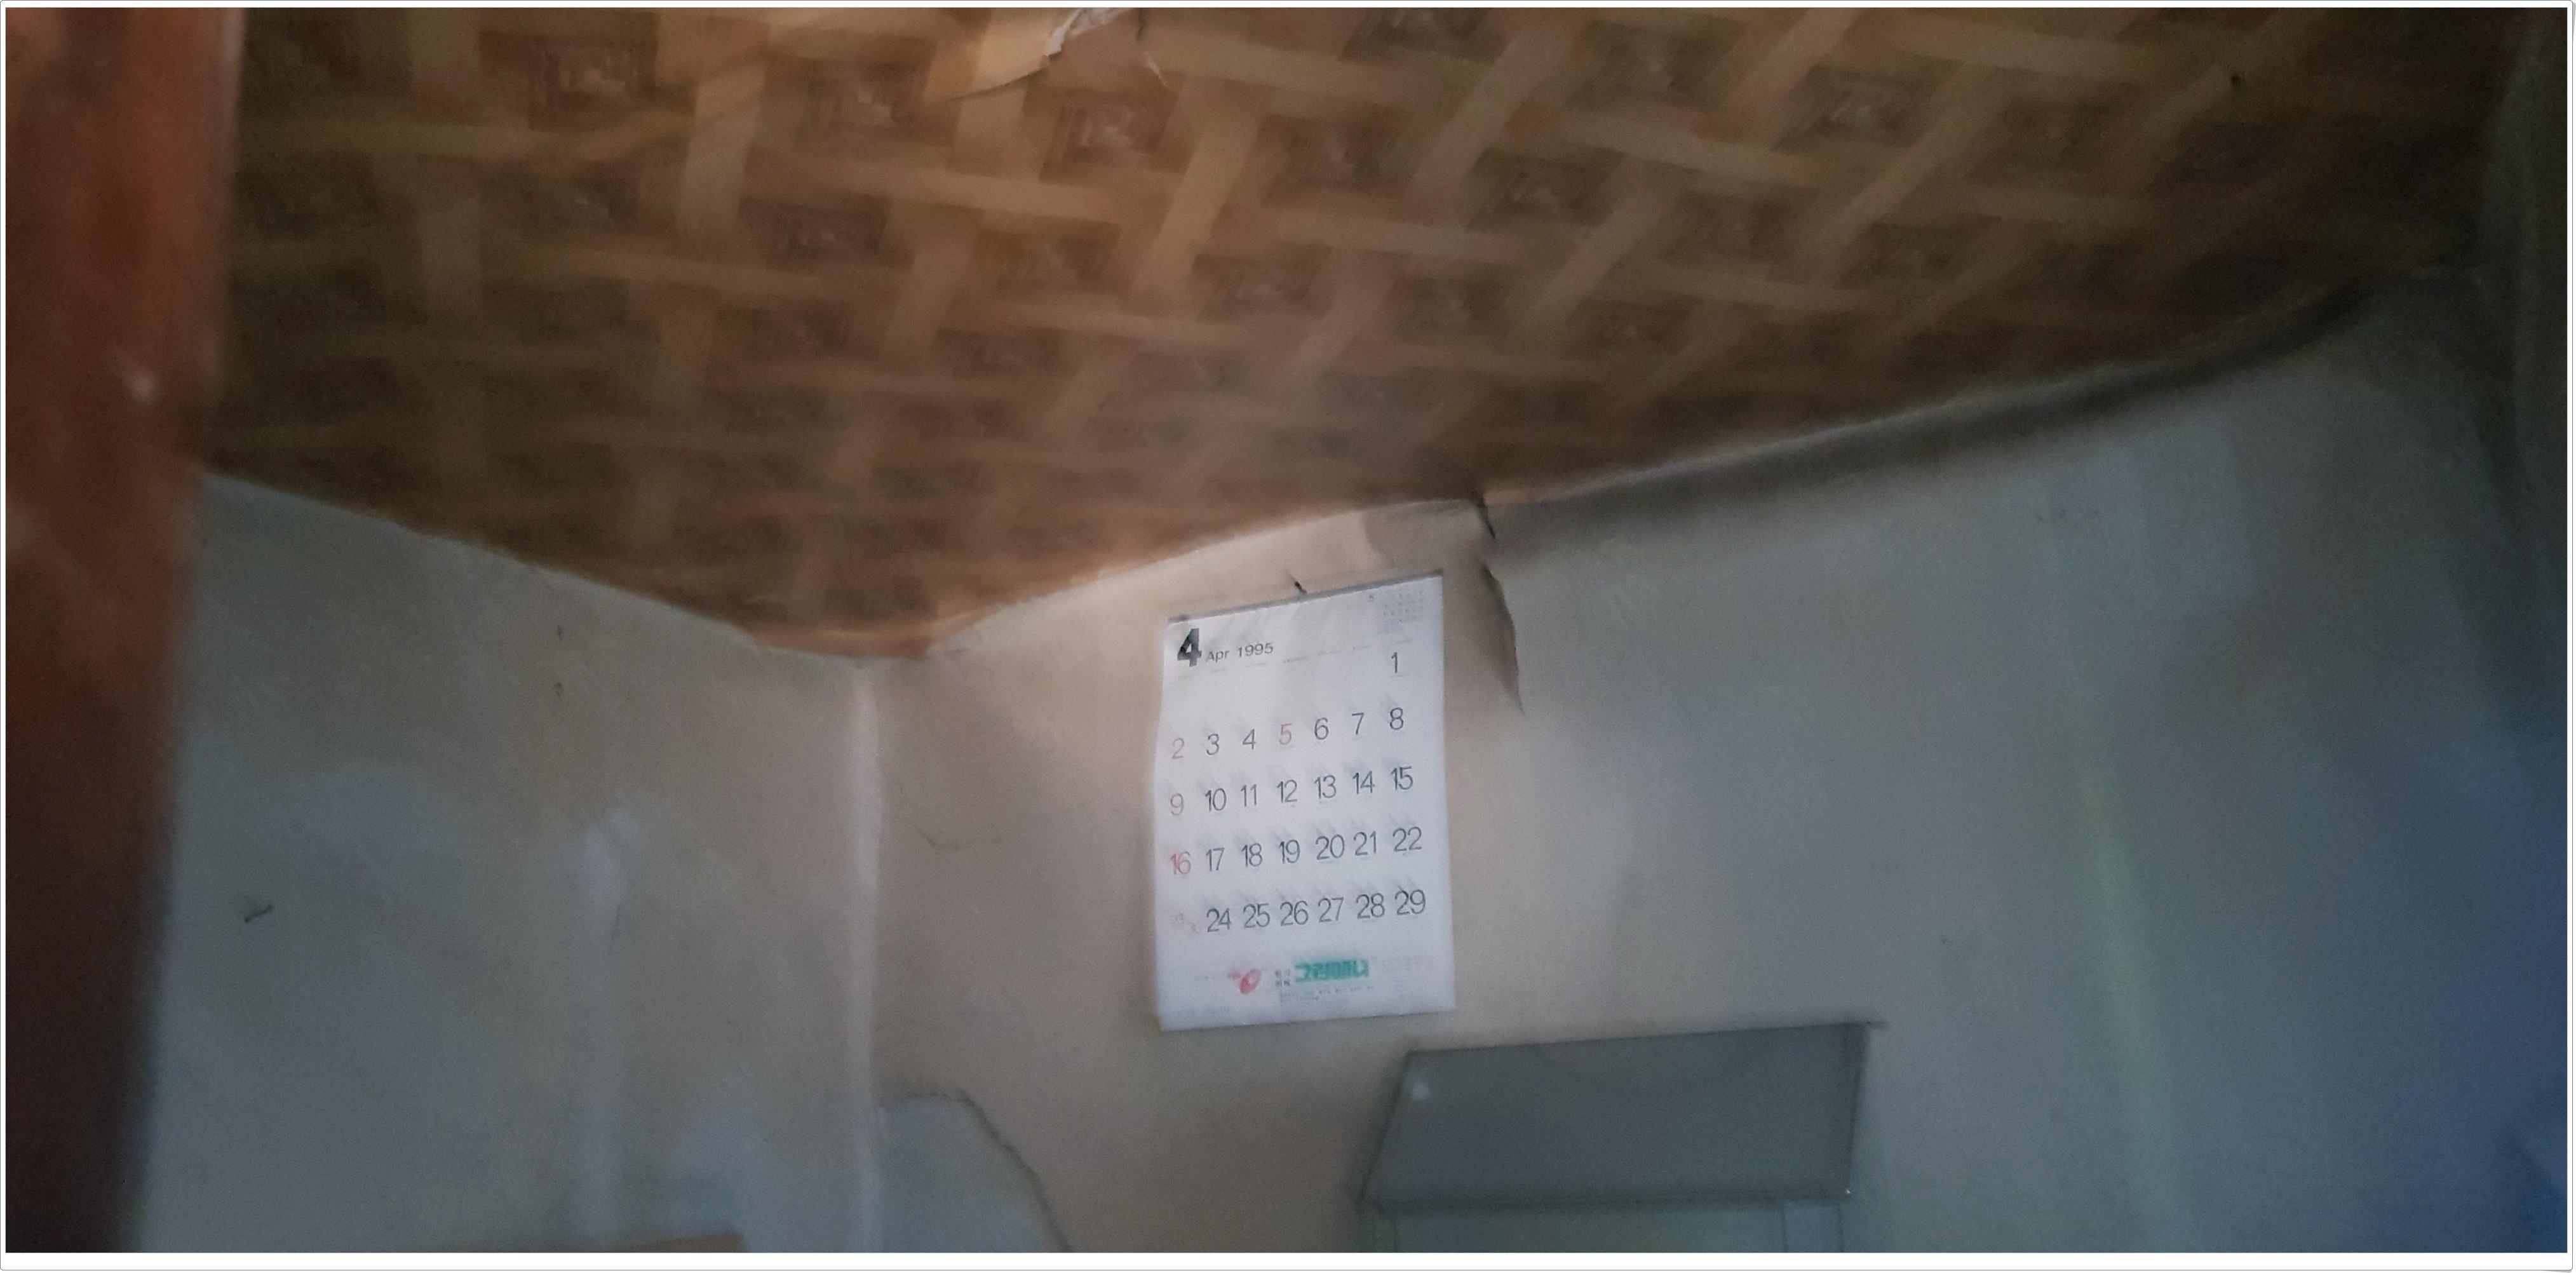 11 번째 사진 단독주택 에  연면적 ㎡ 부산 백양대로 주택 석면조사 현장